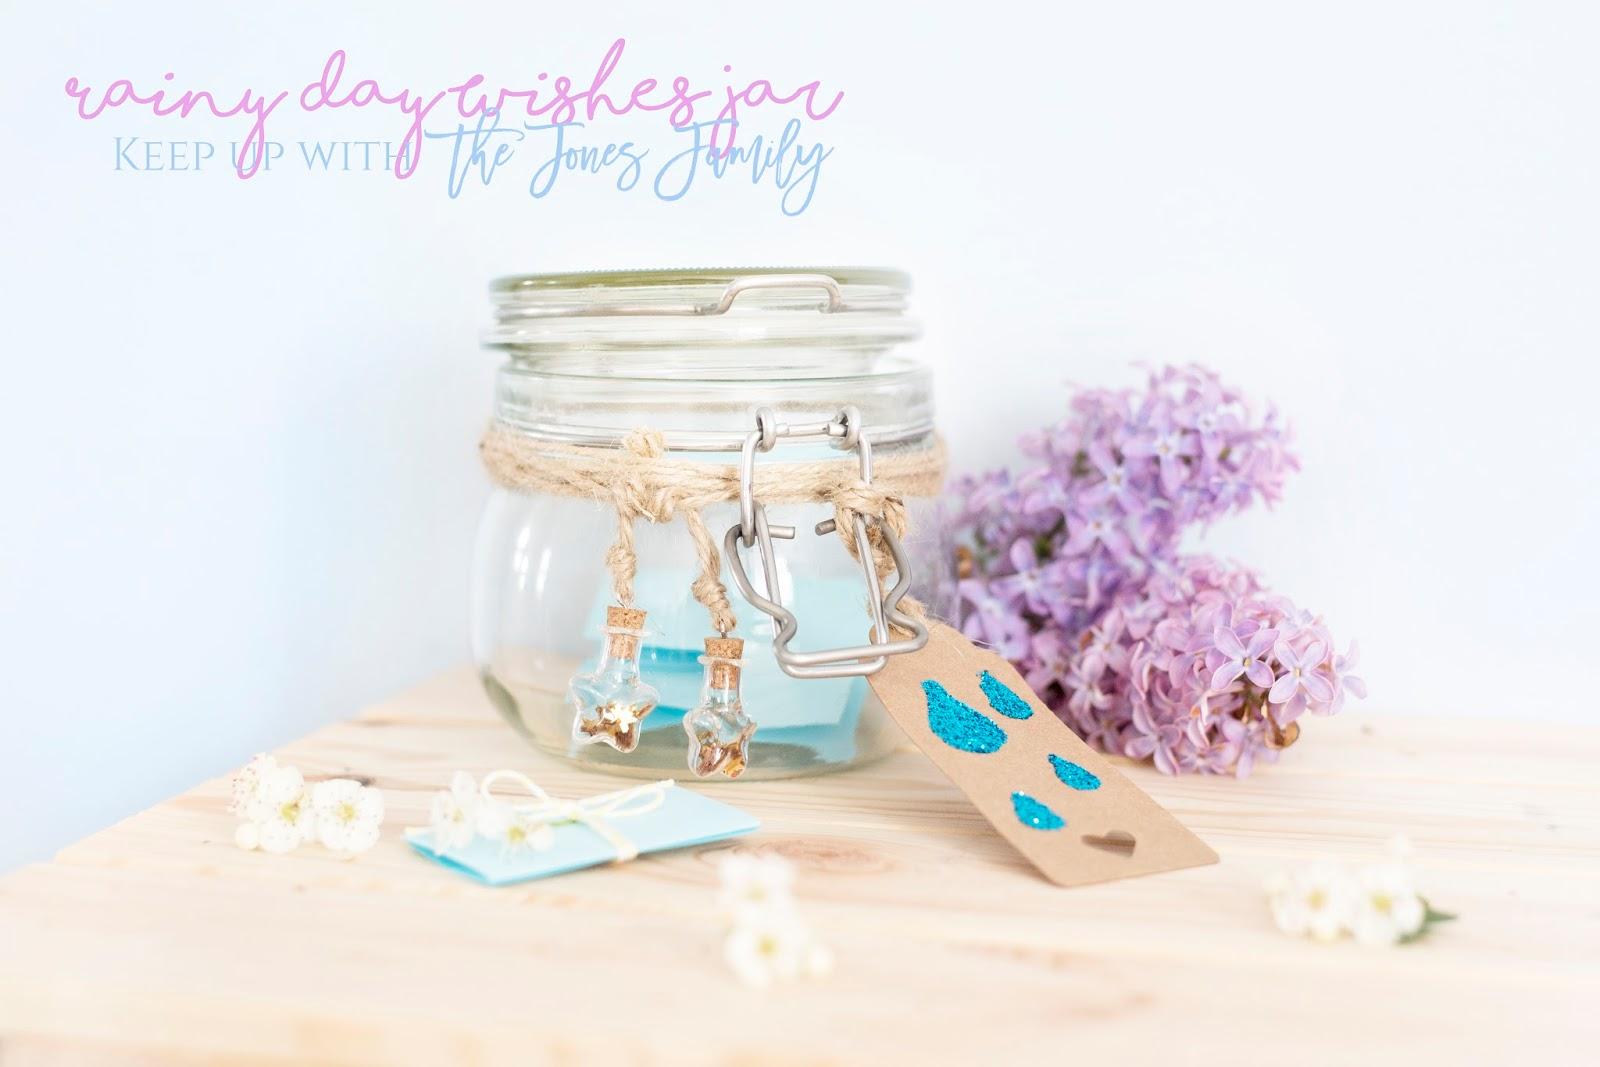 RAINY DAY WISHES JAR